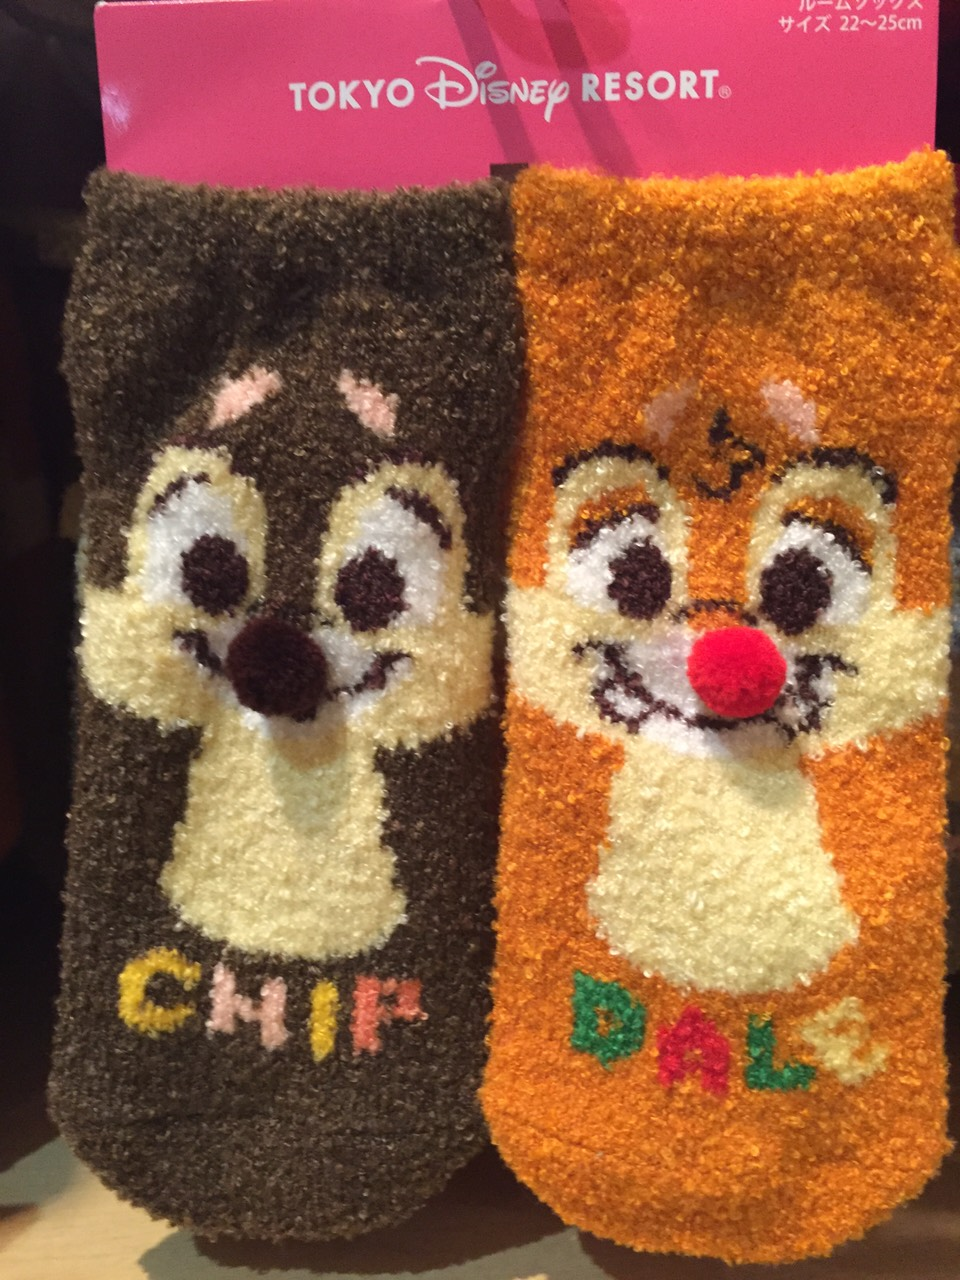 【真愛日本】16030100001樂園限定毛襪-奇奇蒂蒂   迪士尼 花栗鼠 奇奇蒂蒂 松鼠   短襪 毛襪 襪子 居家